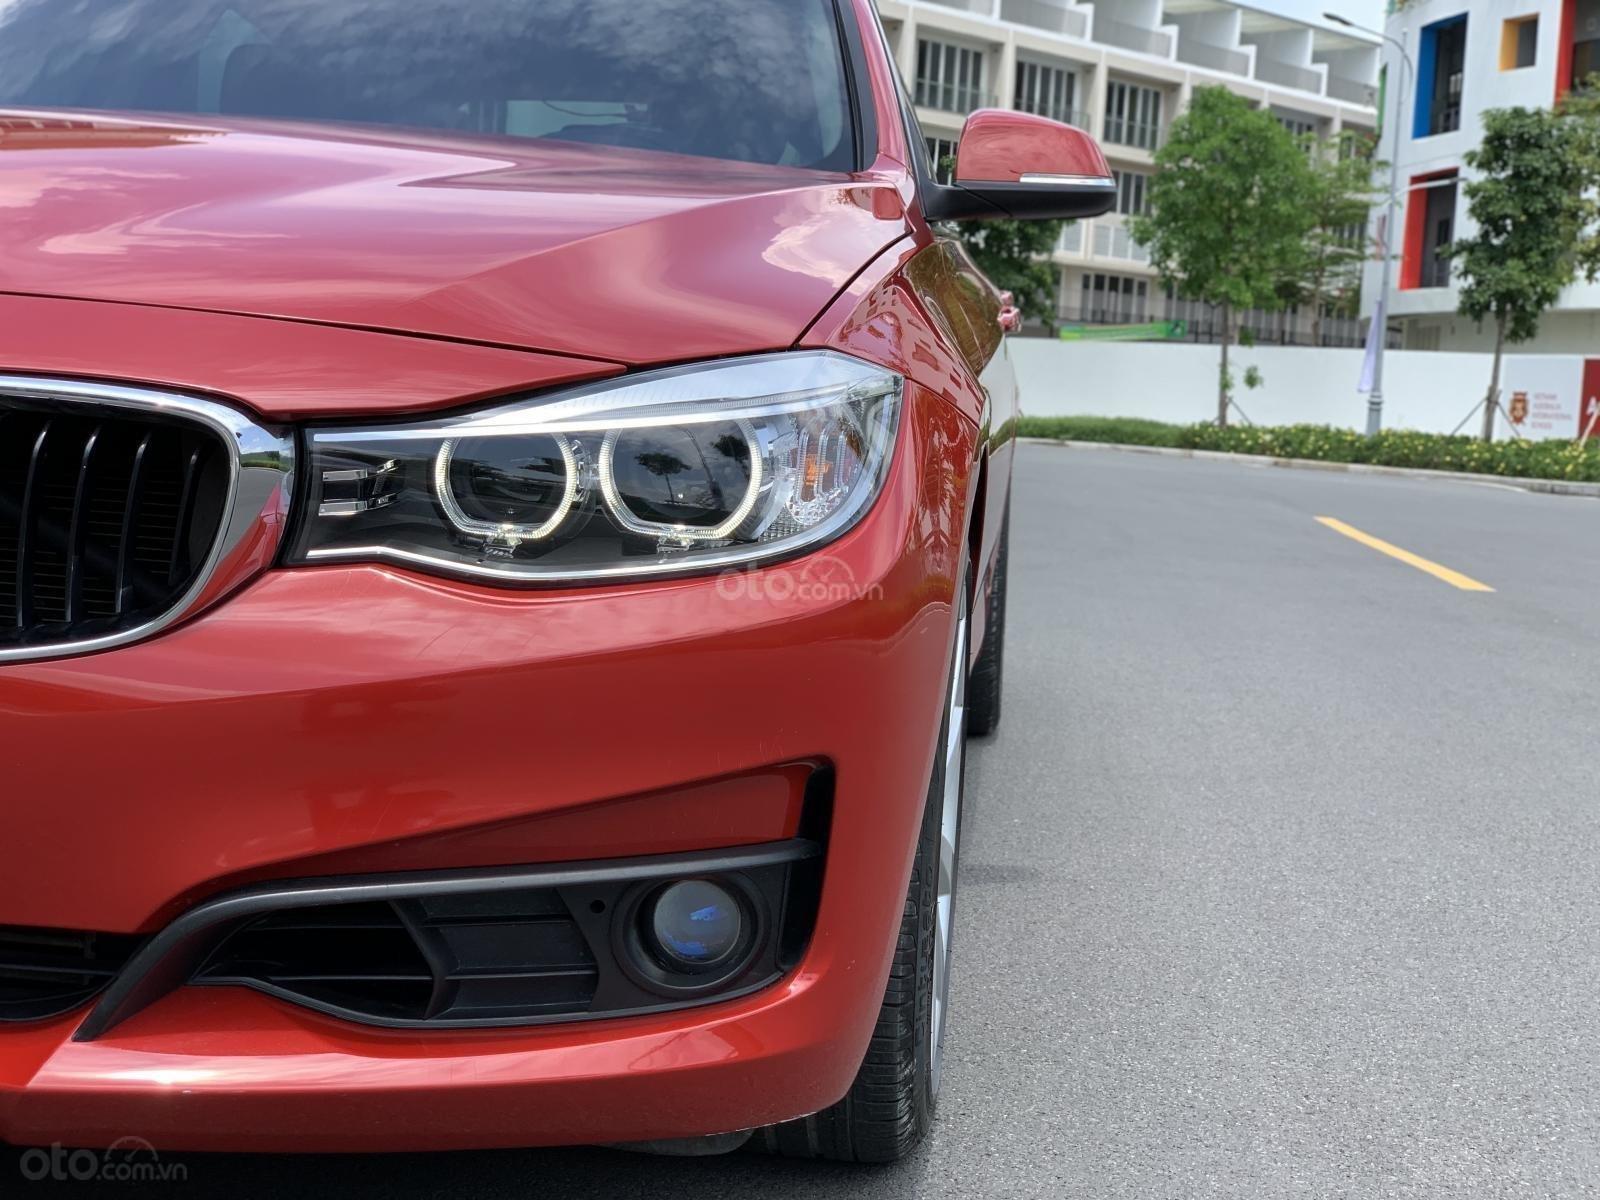 Cần bán BMW 3 Series 328i GT năm sản xuất 2015, màu đỏ/kem nhập khẩu nguyên chiếc (9)